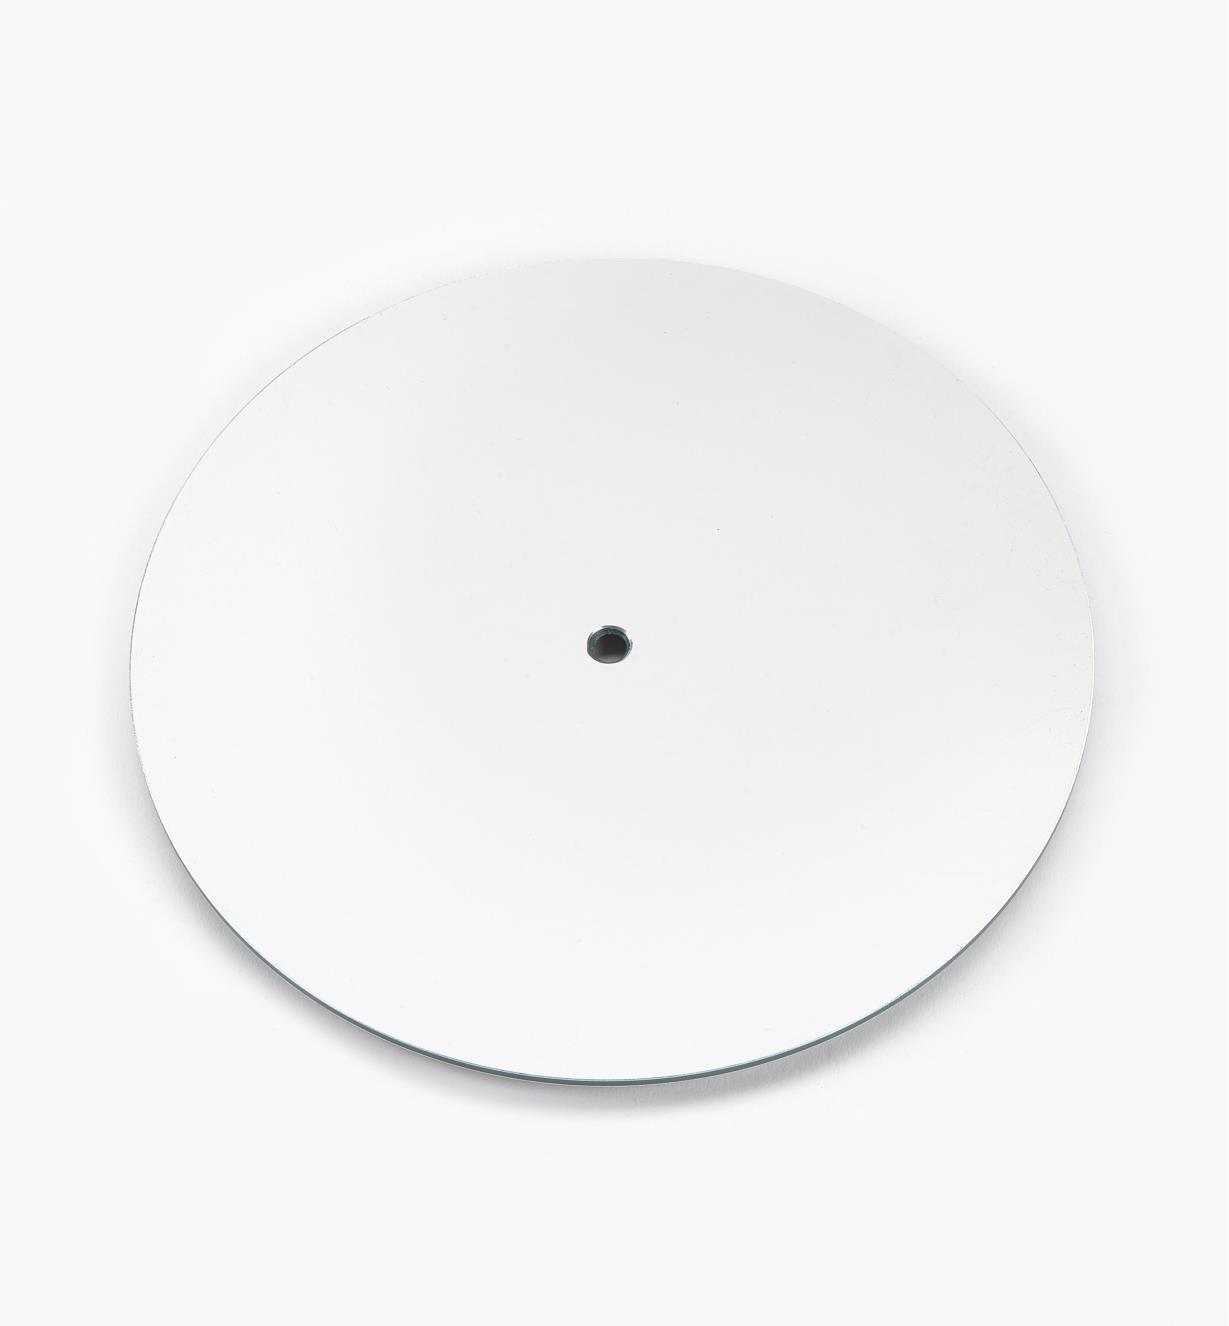 05M3010 - Plateau de 3mm supplémentaire